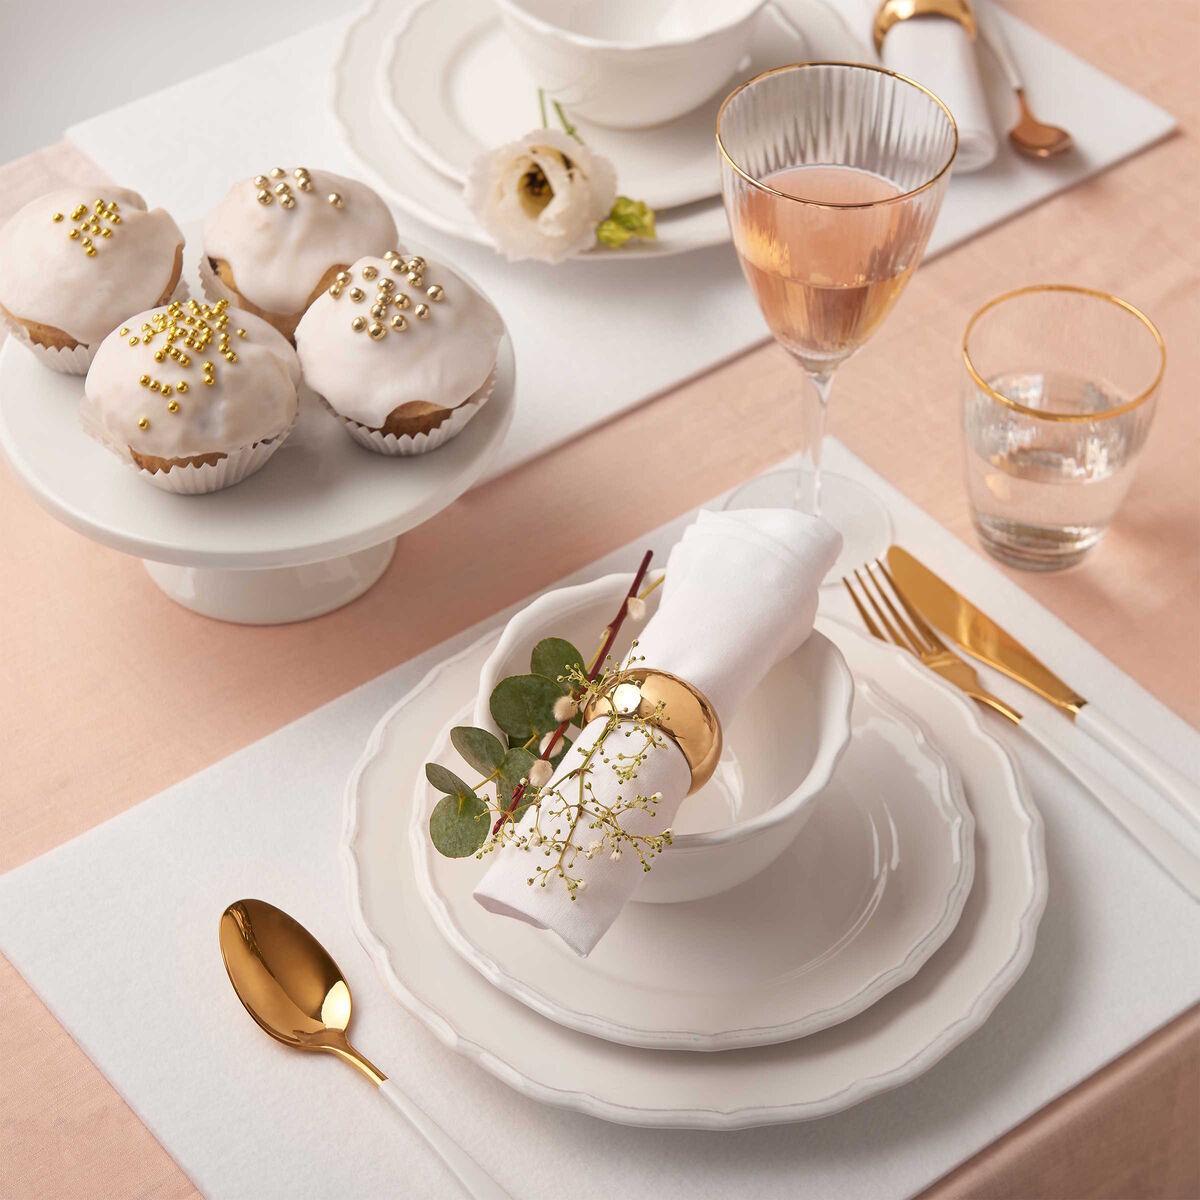 Bild 5 von EATON PLACE 6 x Dessertschale